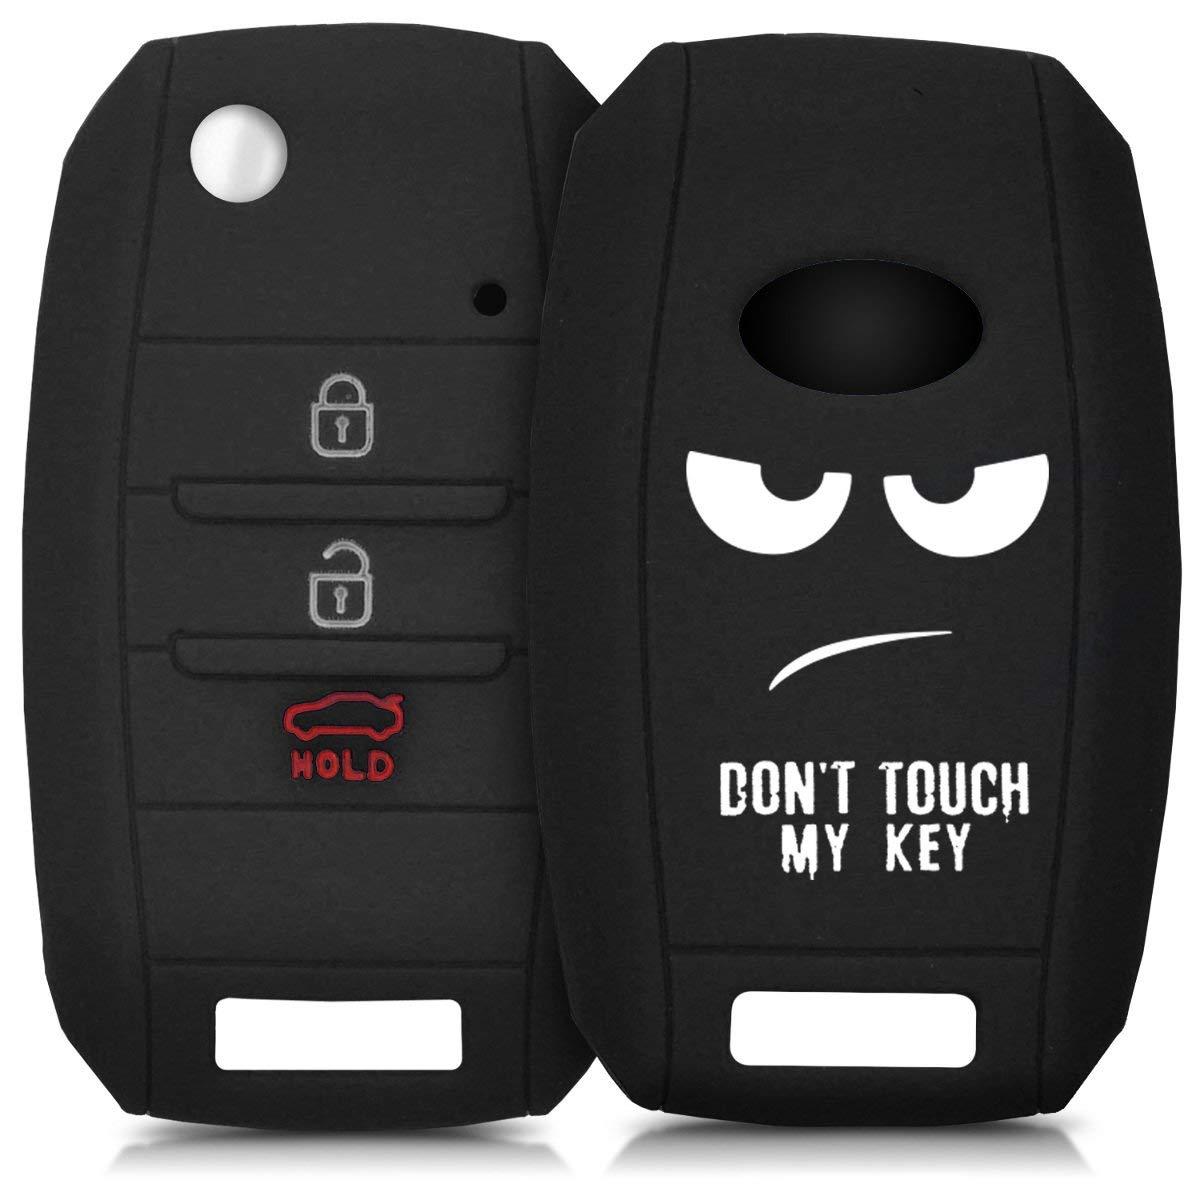 kwmobile Kia Car Key Cover - Silicone Protective Key Fob Cover for Kia 3-4 Button Car Key - white black